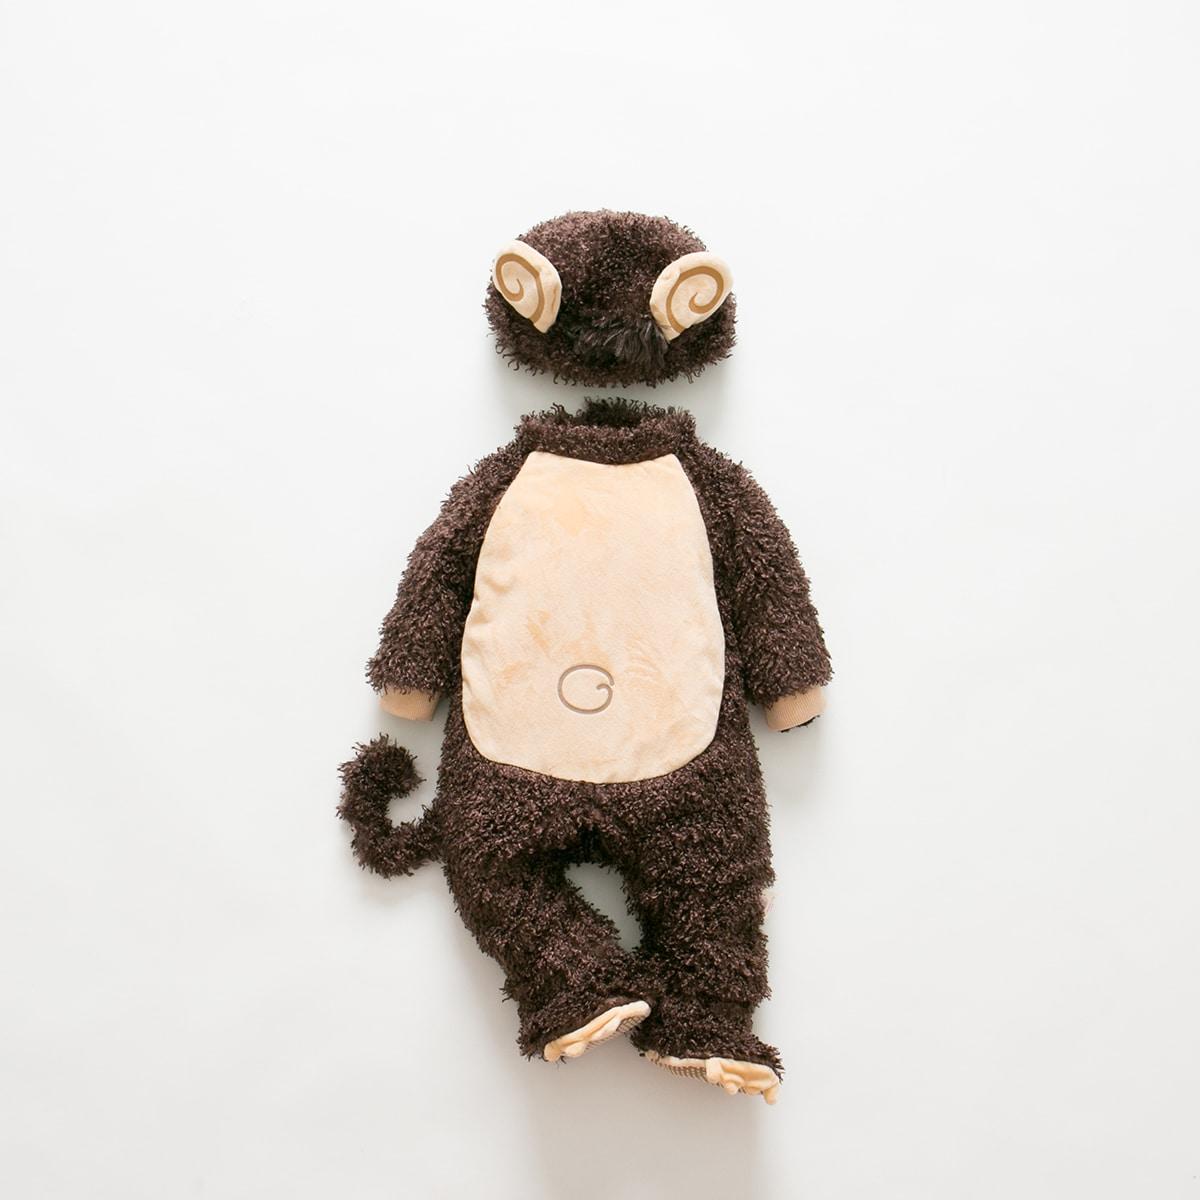 для детей с ушками 3D с капюшоном с ногами из плюша Костюм Комбинезон